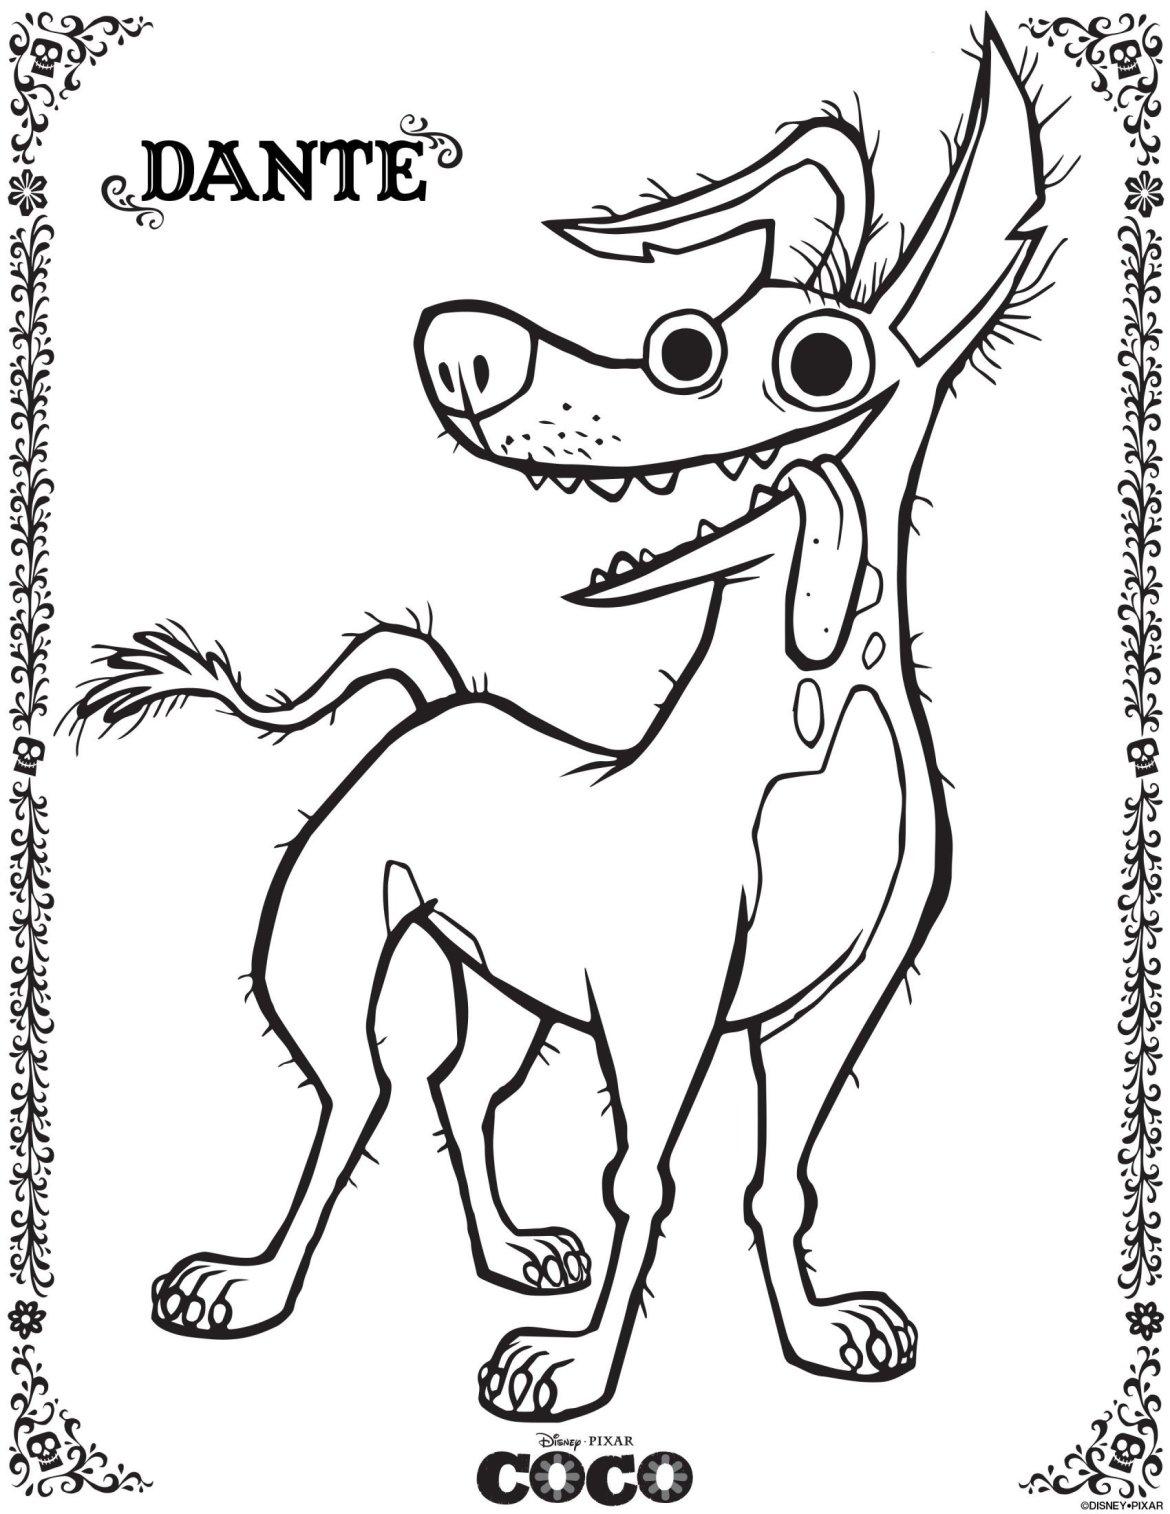 dante-002